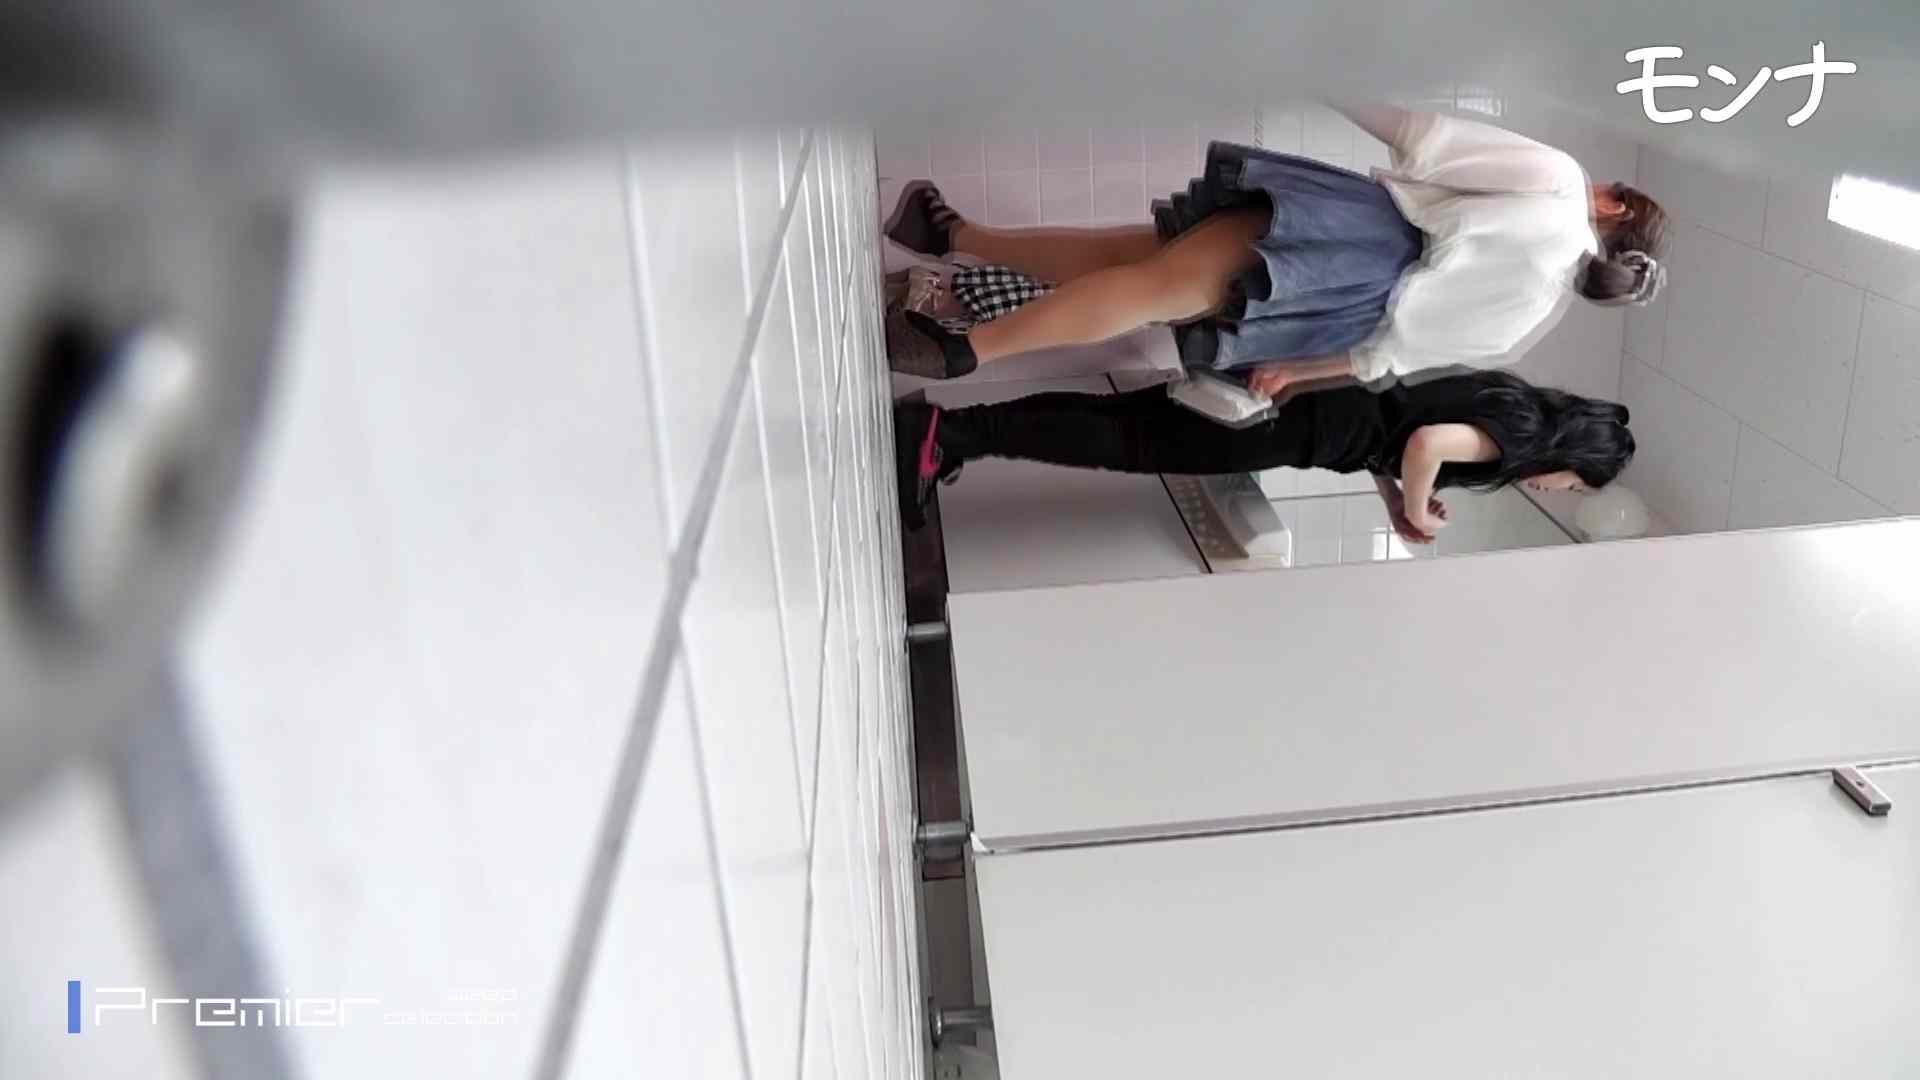 美しい日本の未来 No.83身近によく見かける、普通の女の子を集めてみた 高評価  77画像 9